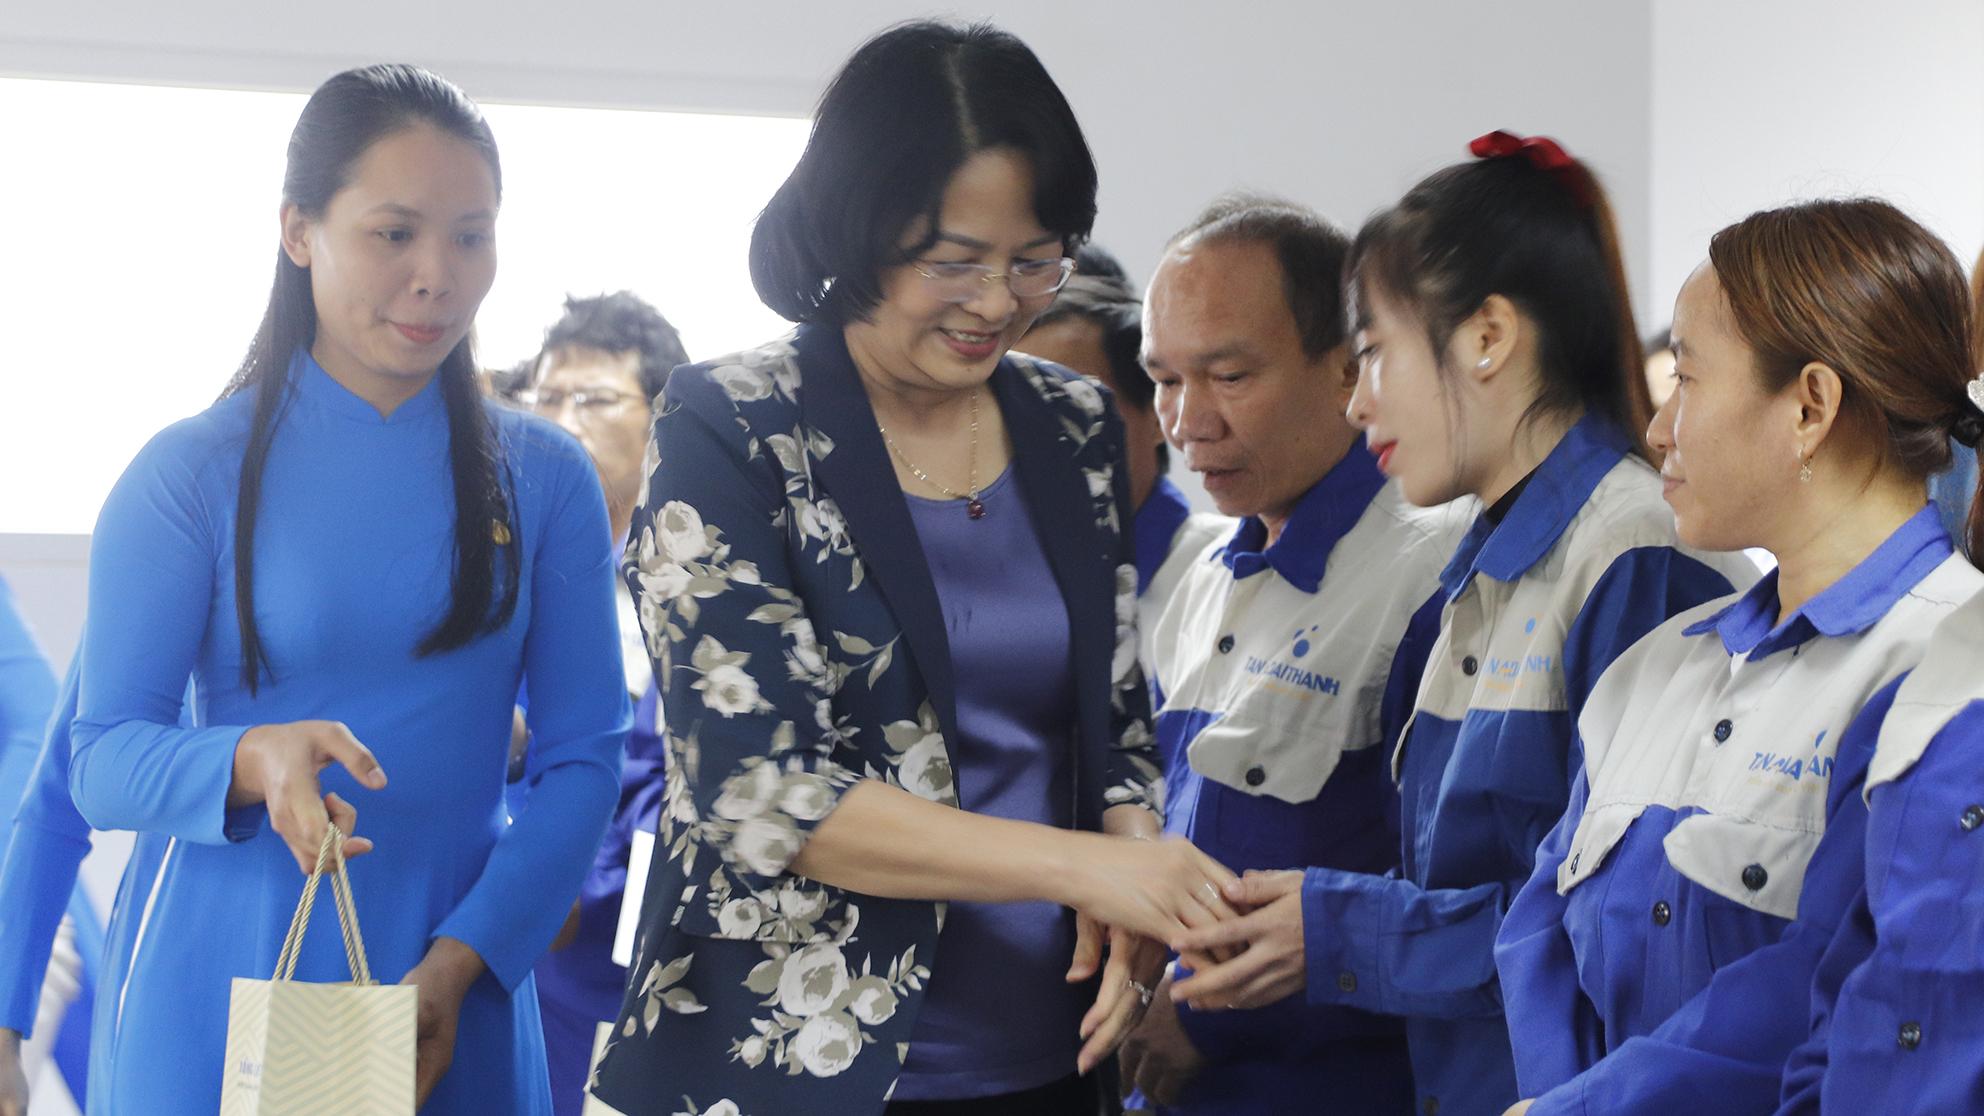 Phó Chủ tịch nước Đặng Thị Ngọc Thịnh thăm và tặng quà người lao động tại nhà máy Tân Á Đại Thành Long An